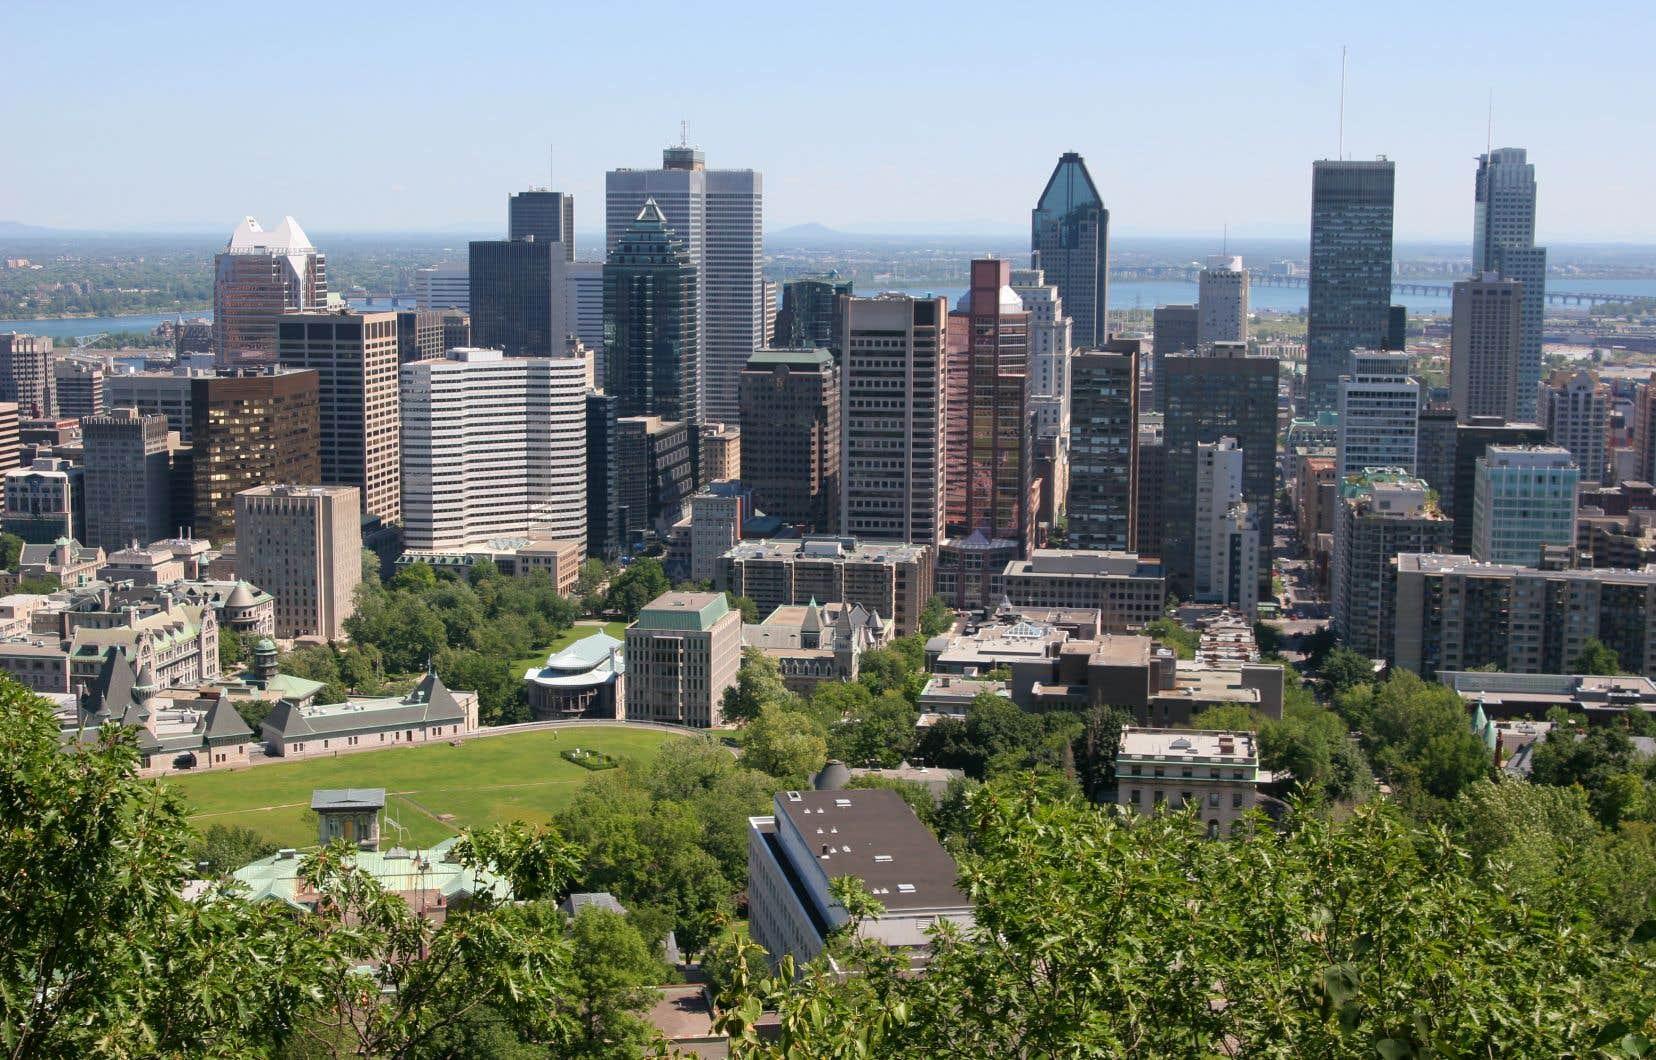 La commission scolaire estime qu'il manque l'équivalent de 37 classes dans le secteur de Peter-McGill, au centre-ville de Montréal.